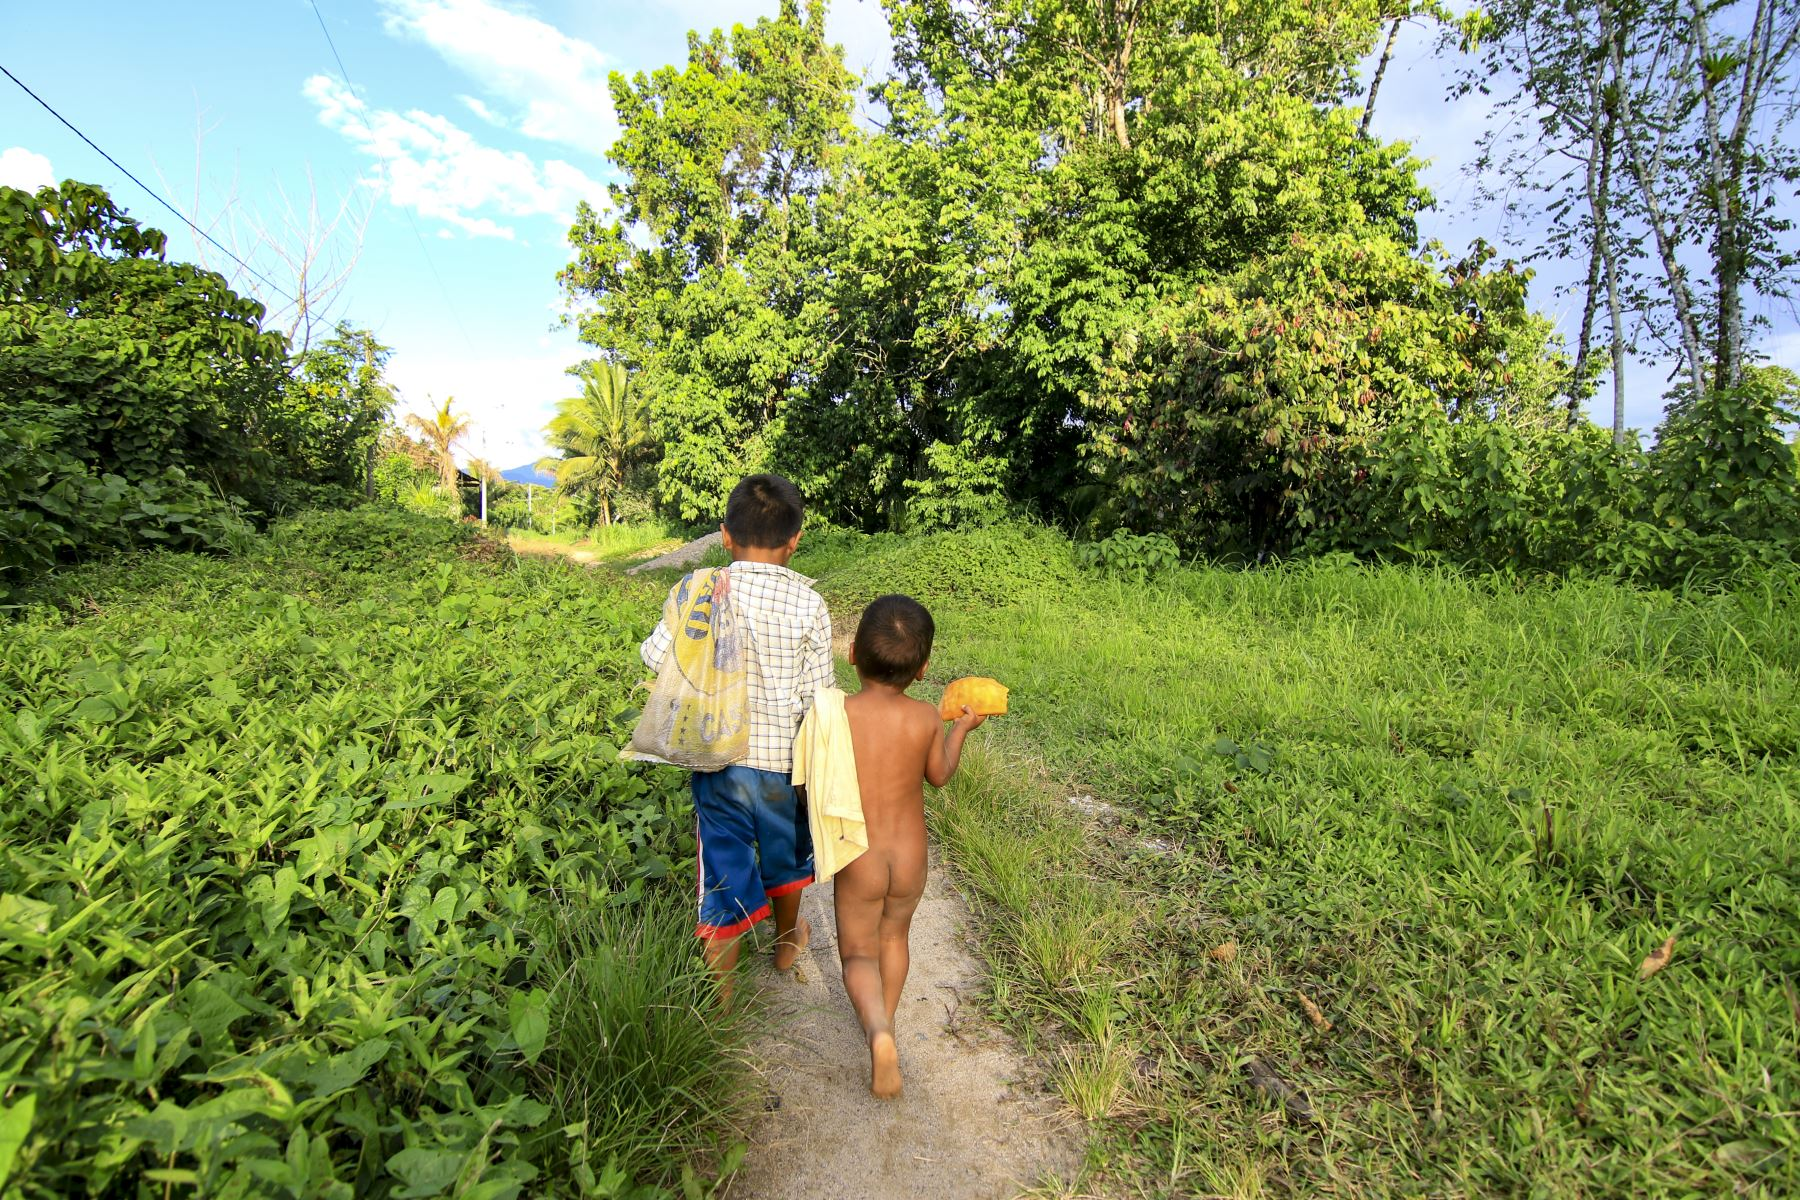 Niños regresan a su casa luego de jugar a las orillas del Rio Marañon. Foto:ANDINA/Juan Pablo Azabache